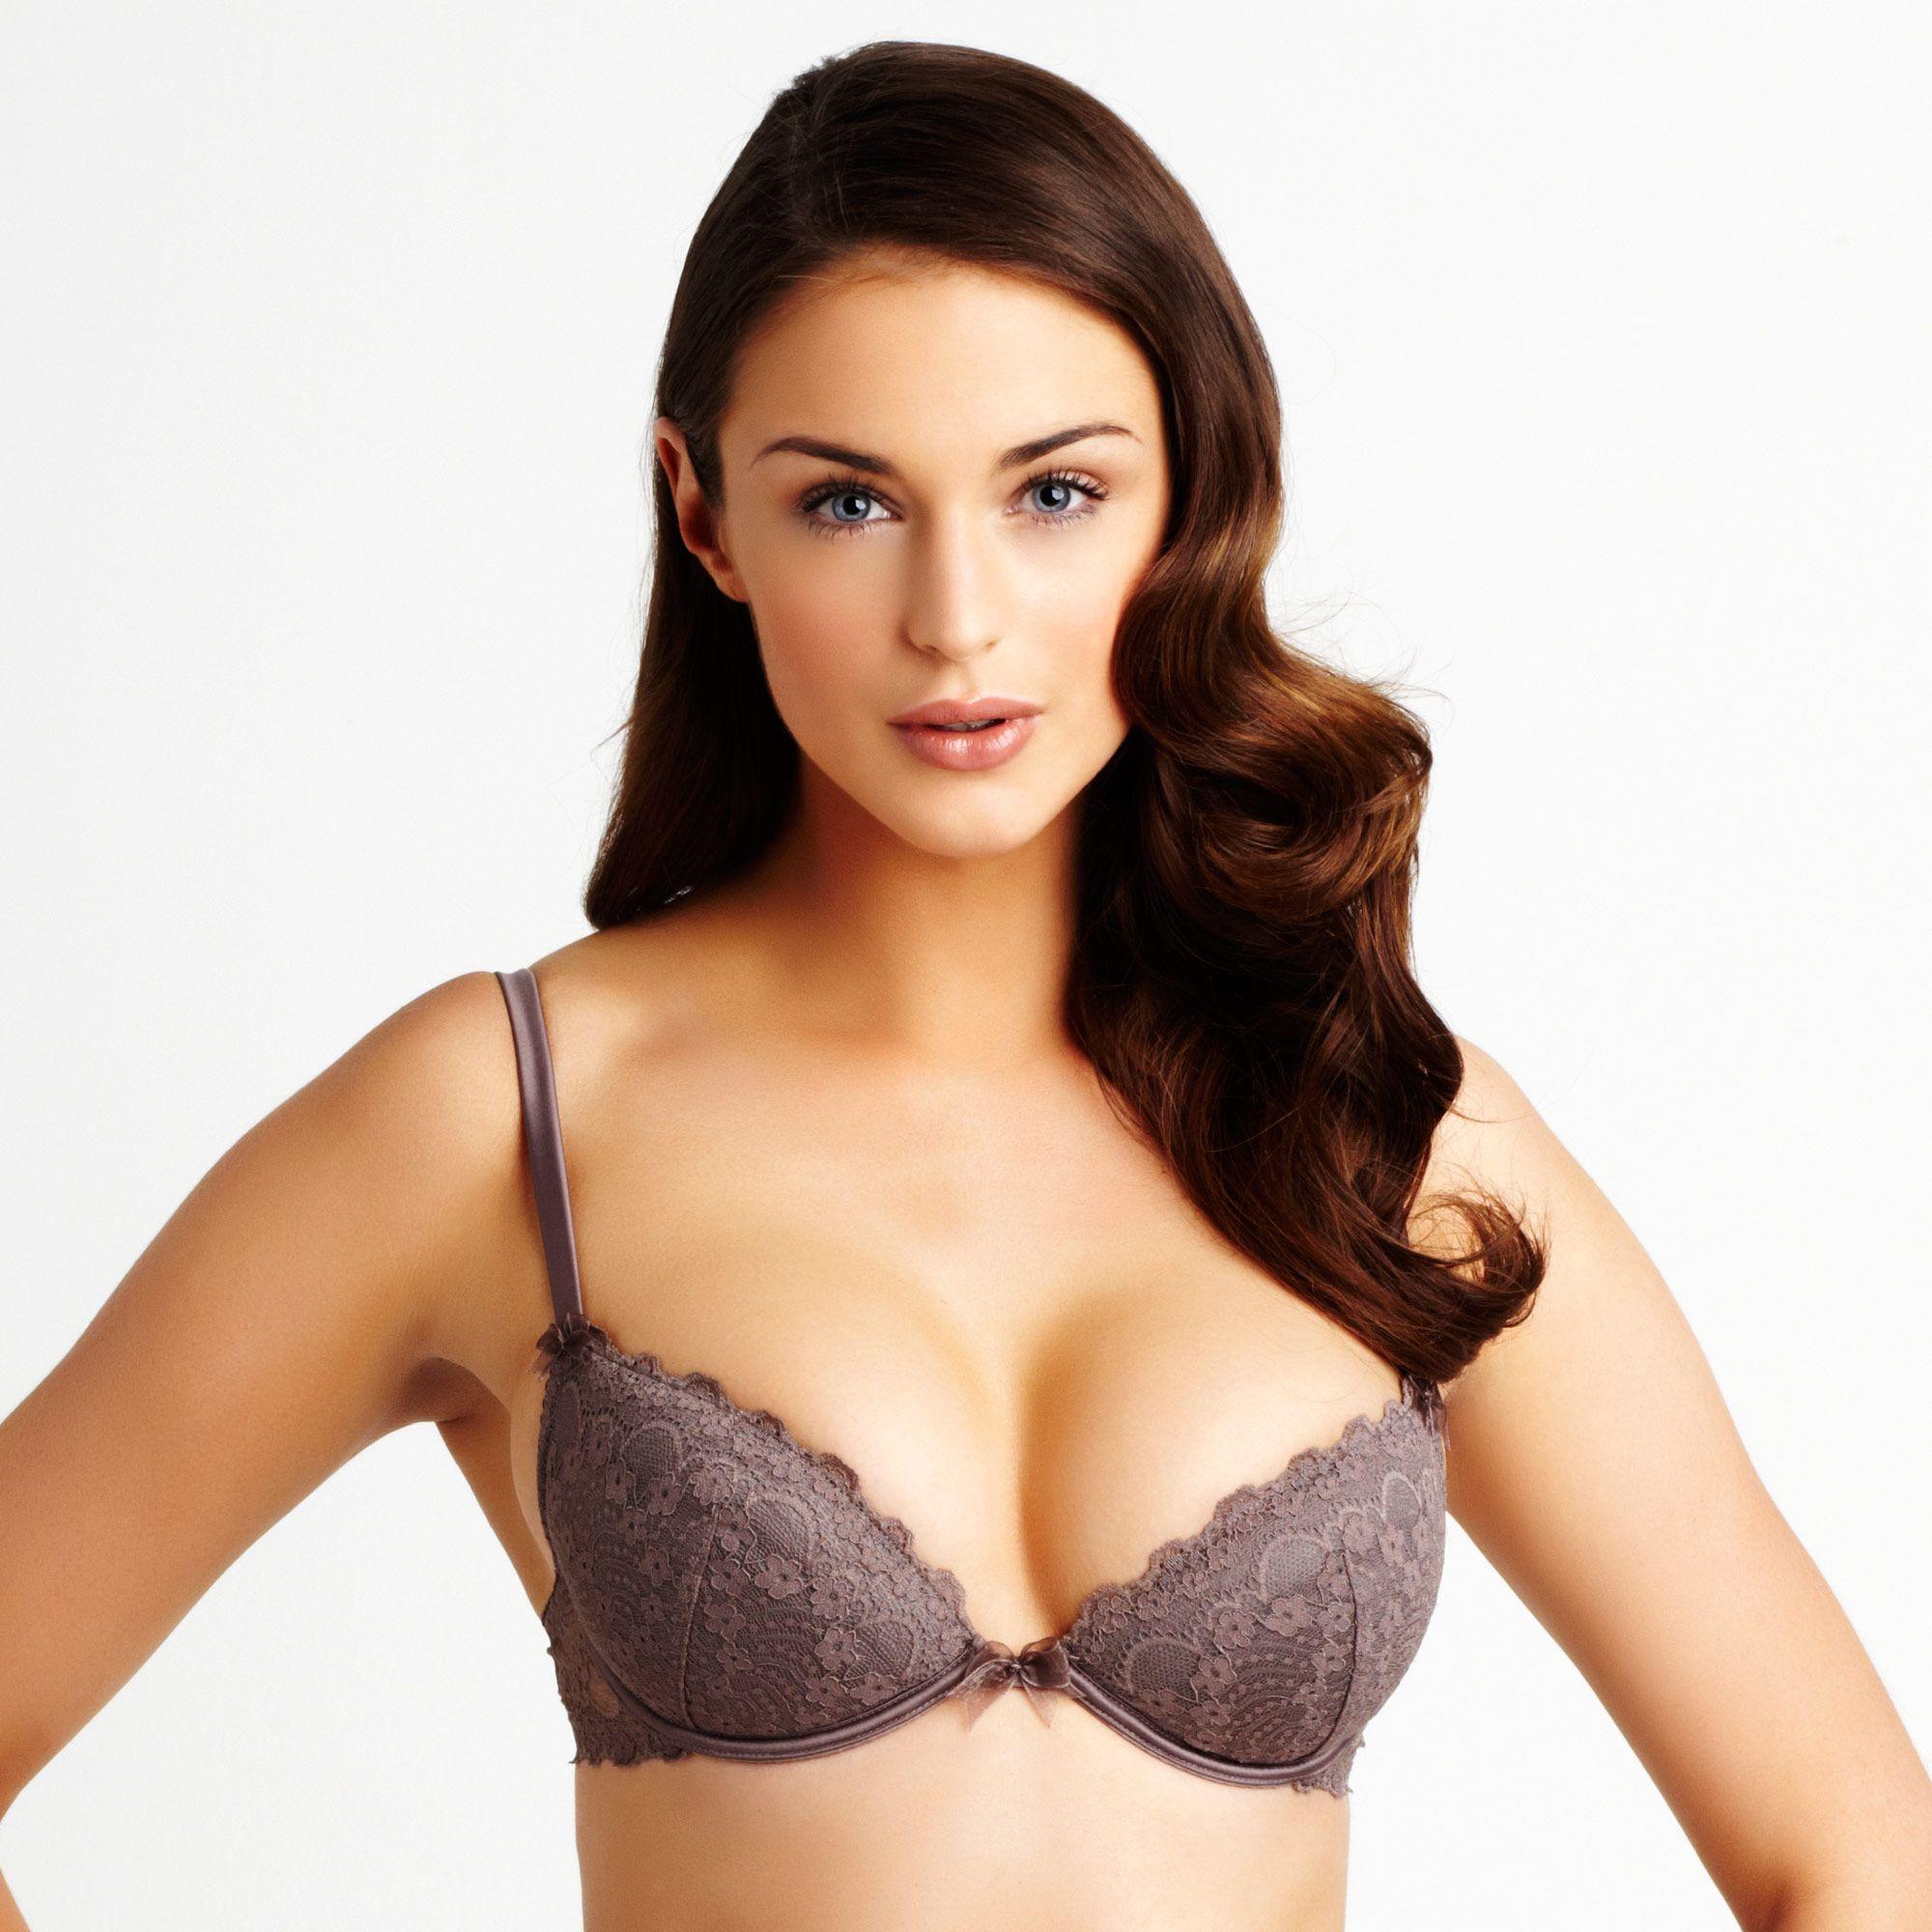 грудью 3 с фото женщины размера